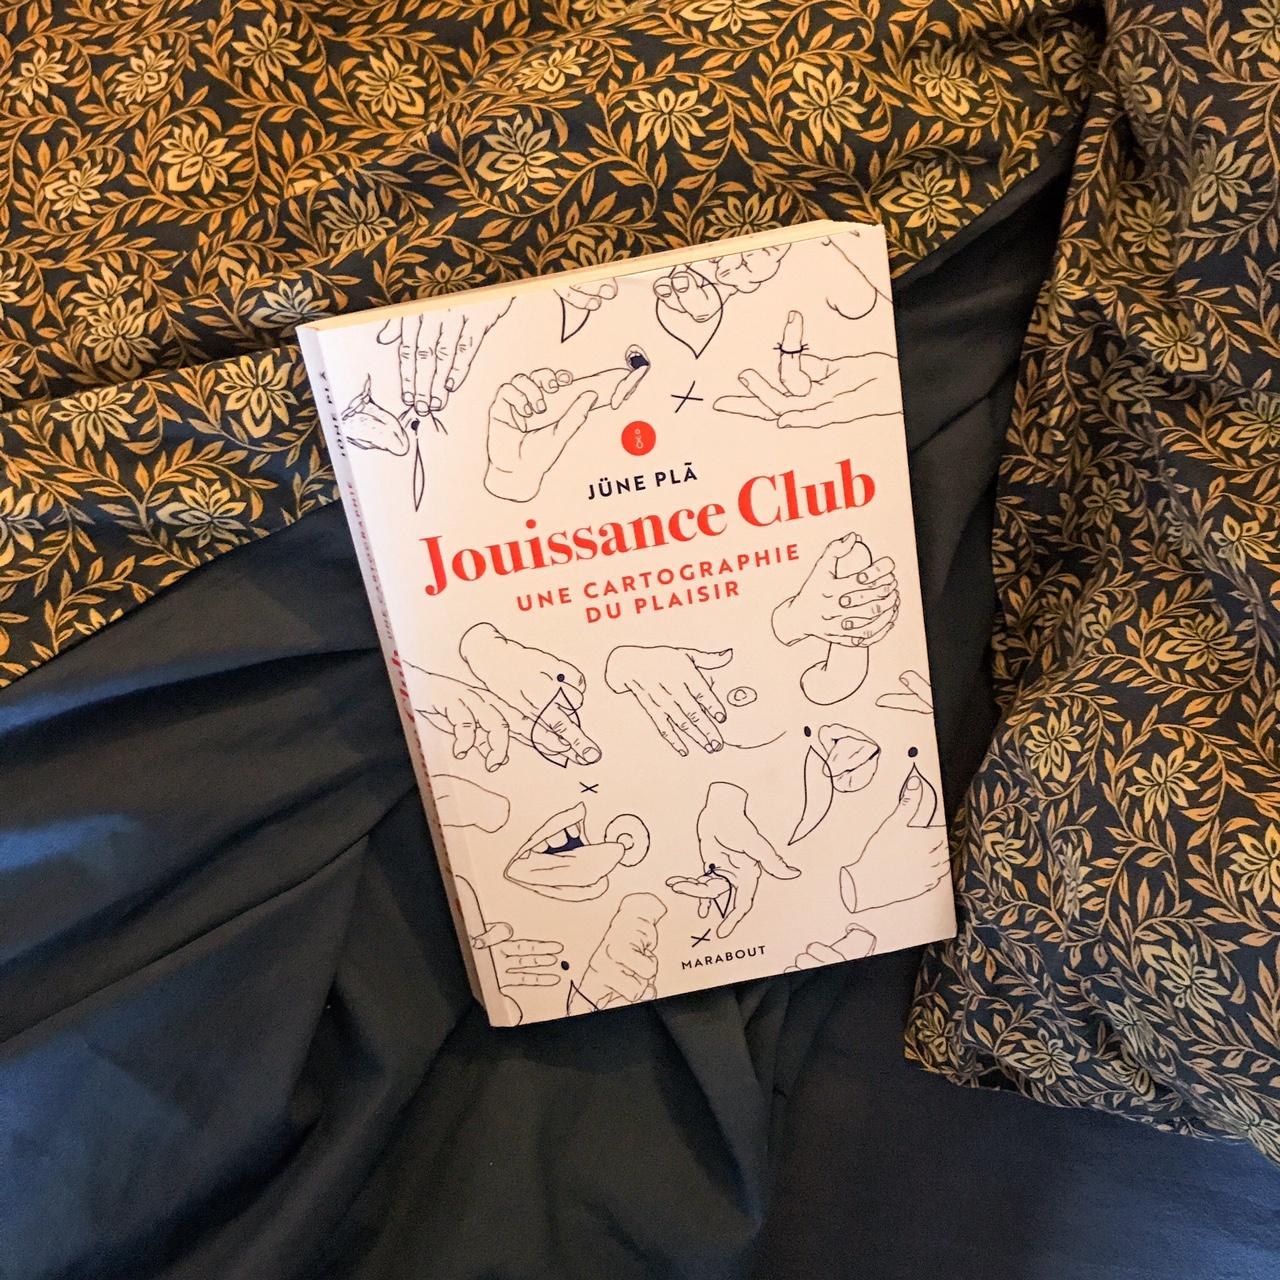 Jouissance Club, de Jüne Plã : une cartographie du plaisir